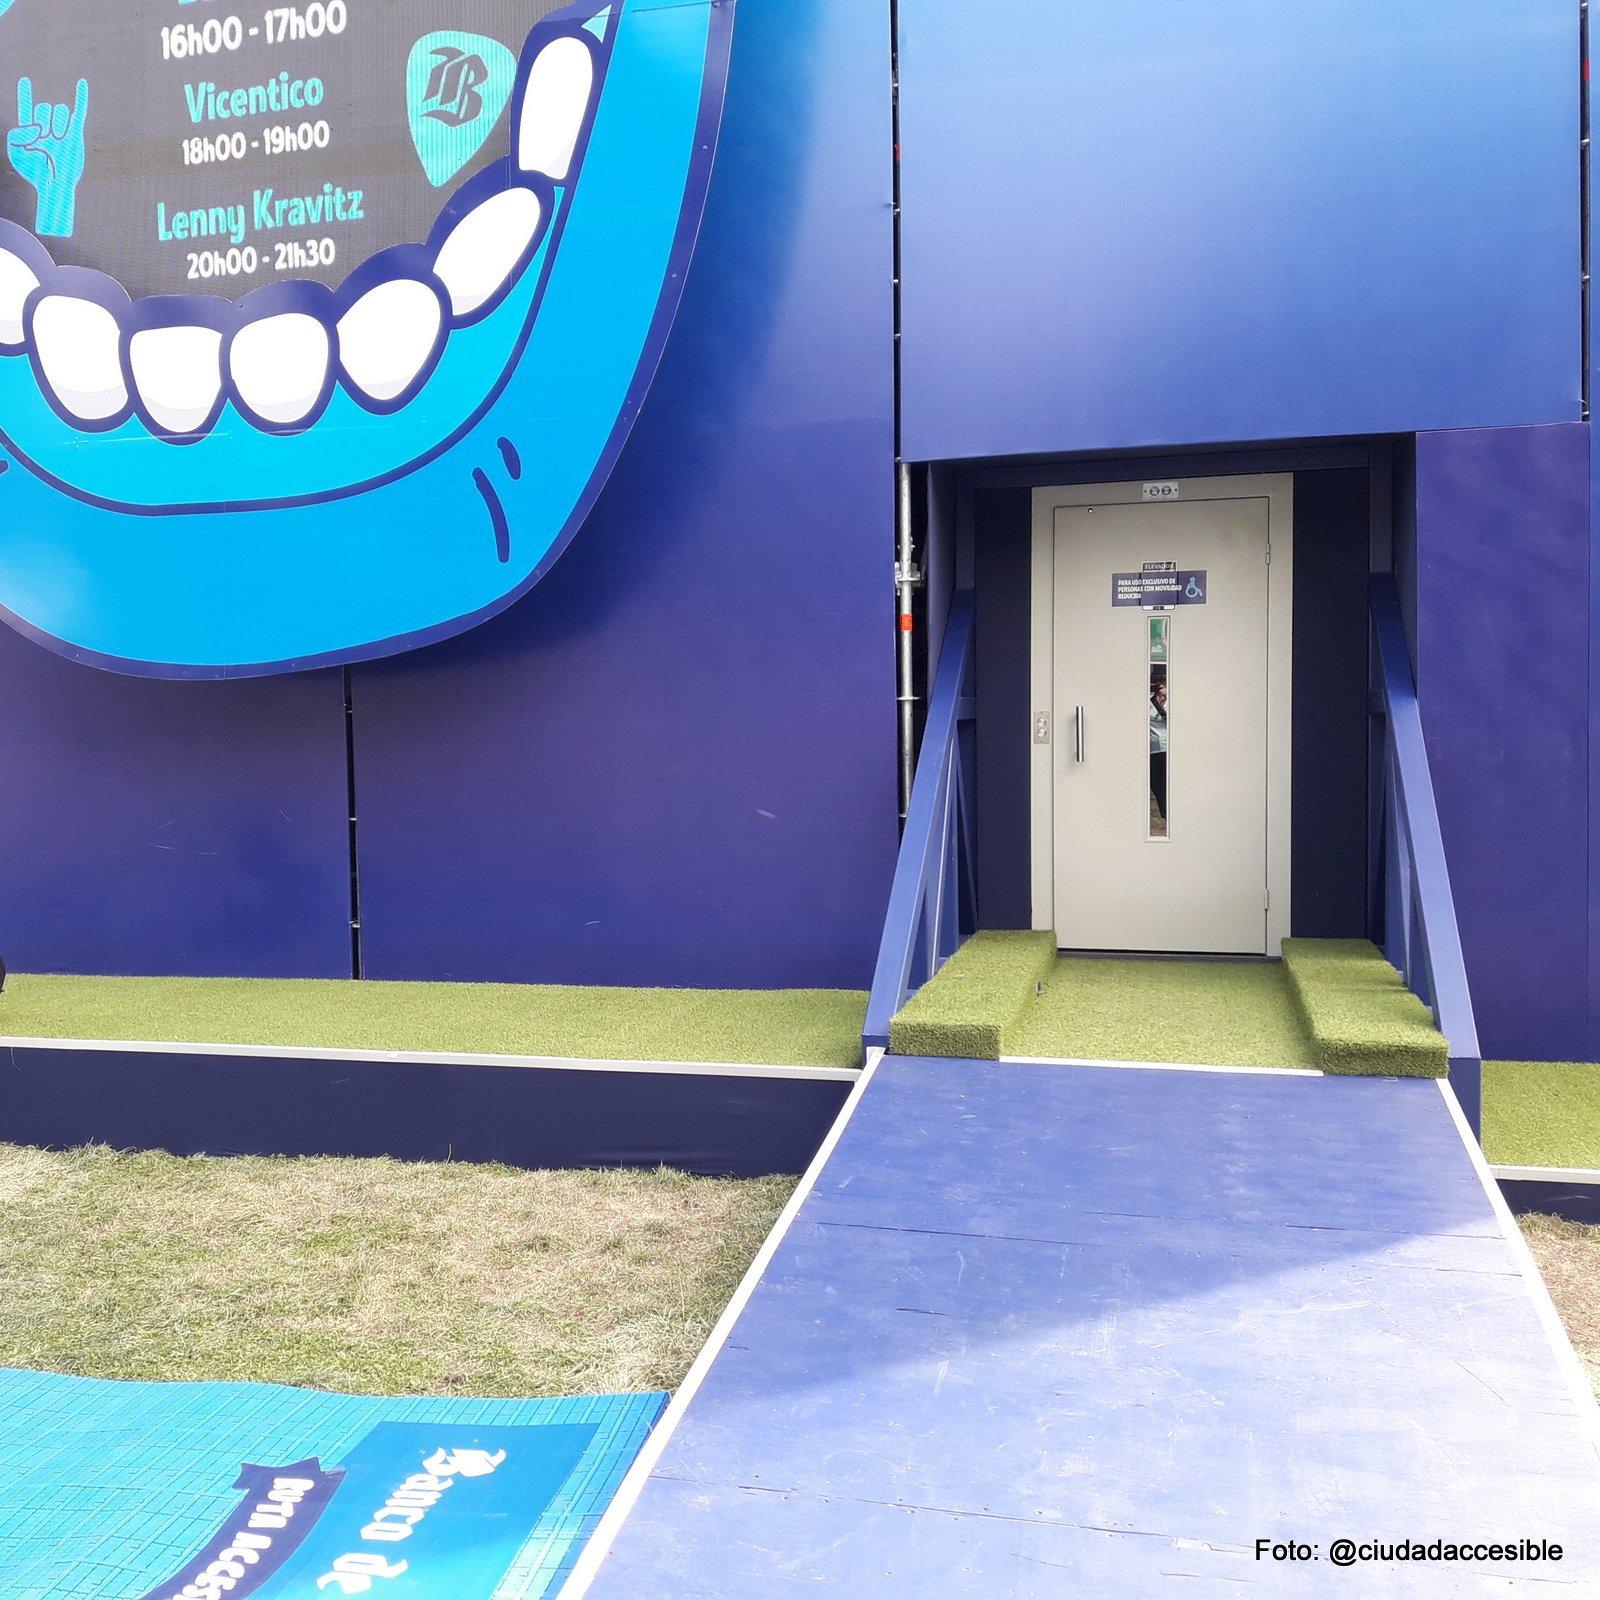 acceso mediante una ruta accesible hecha de un material estable y que comunica hasta el ascensor